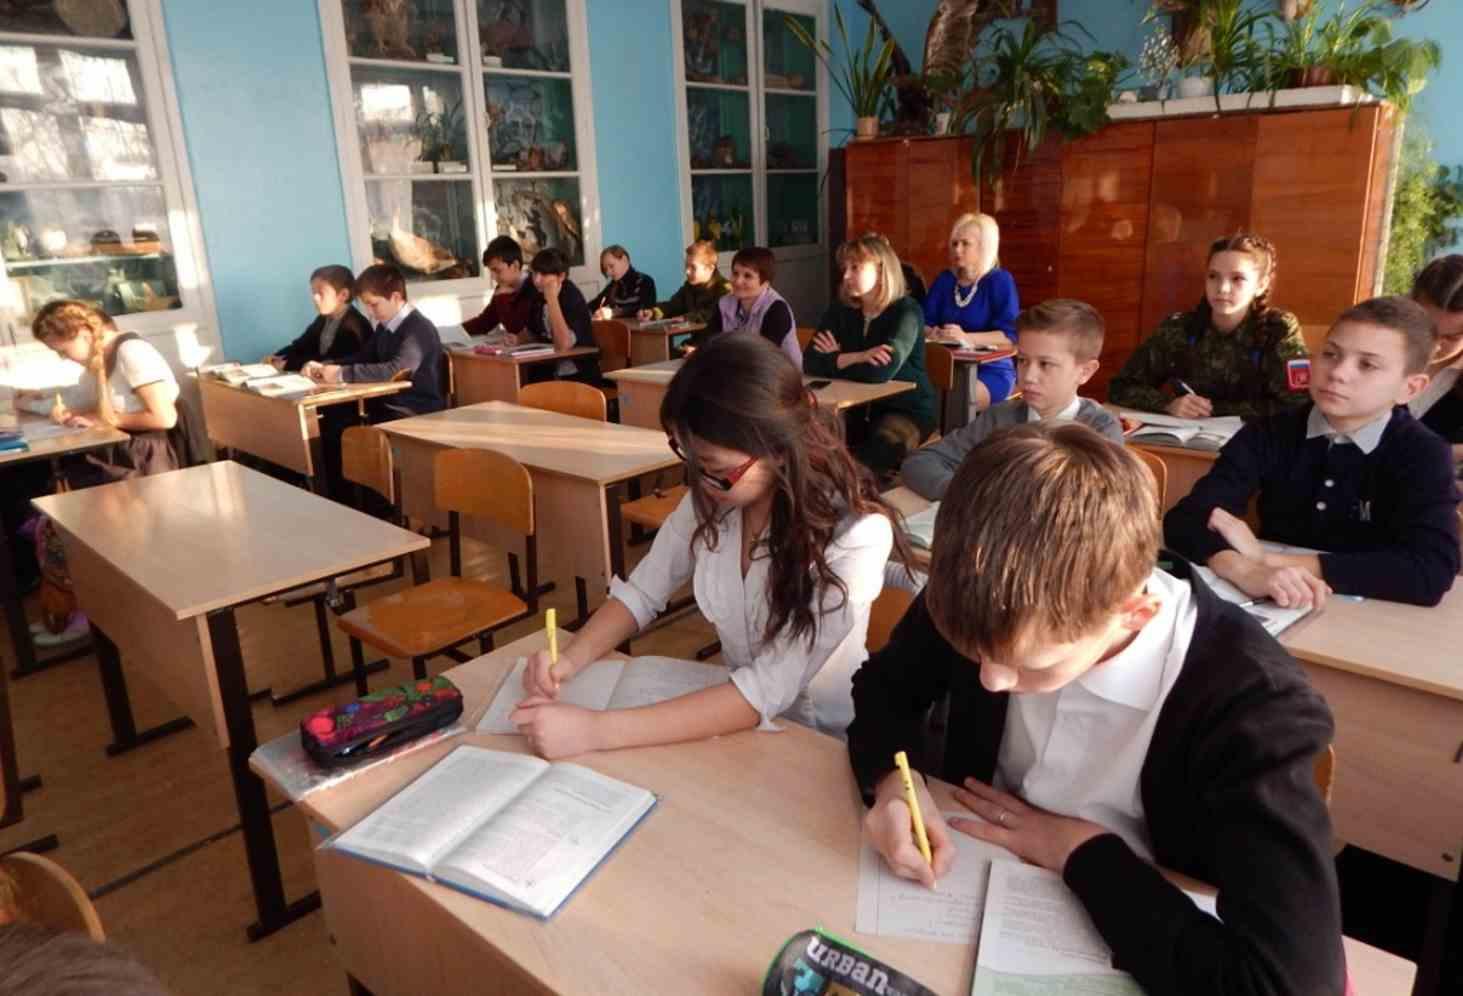 okolo-2-5-tysyach-shkol-rossii-pokazali-neobektivnye-rezultaty-vpr-v-2019-godu